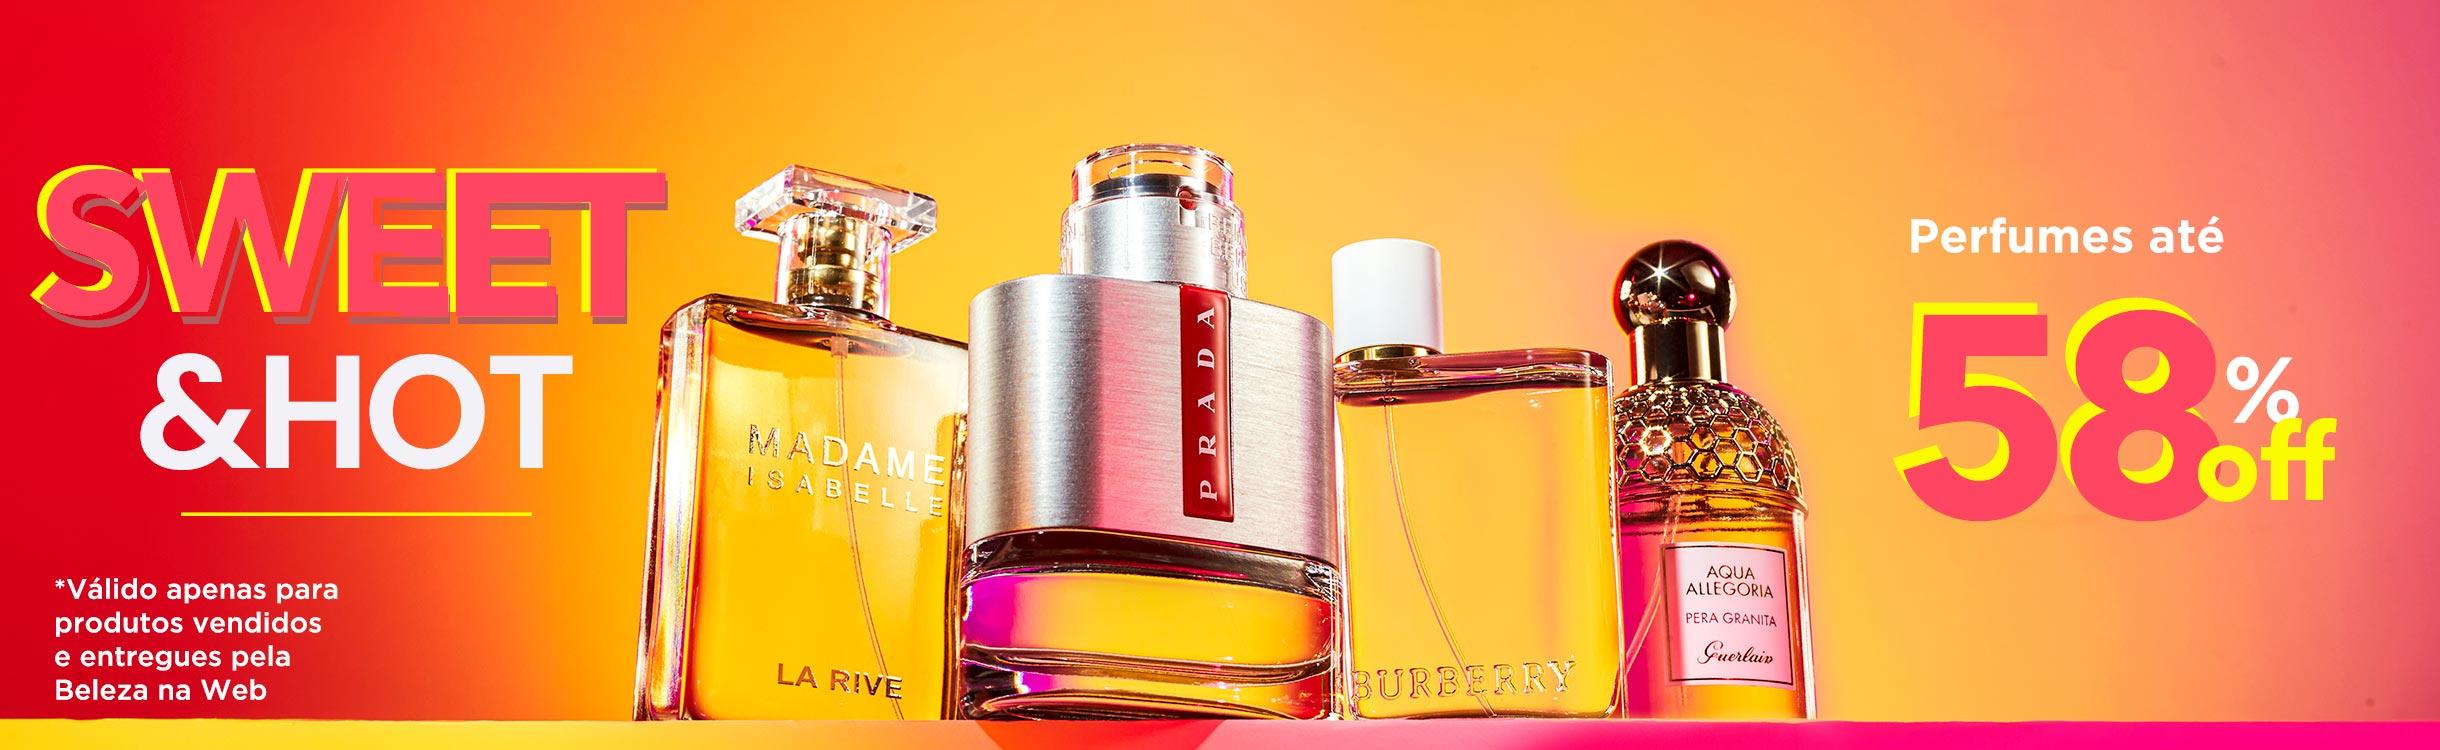 Mega Liquida | Especial Perfumes